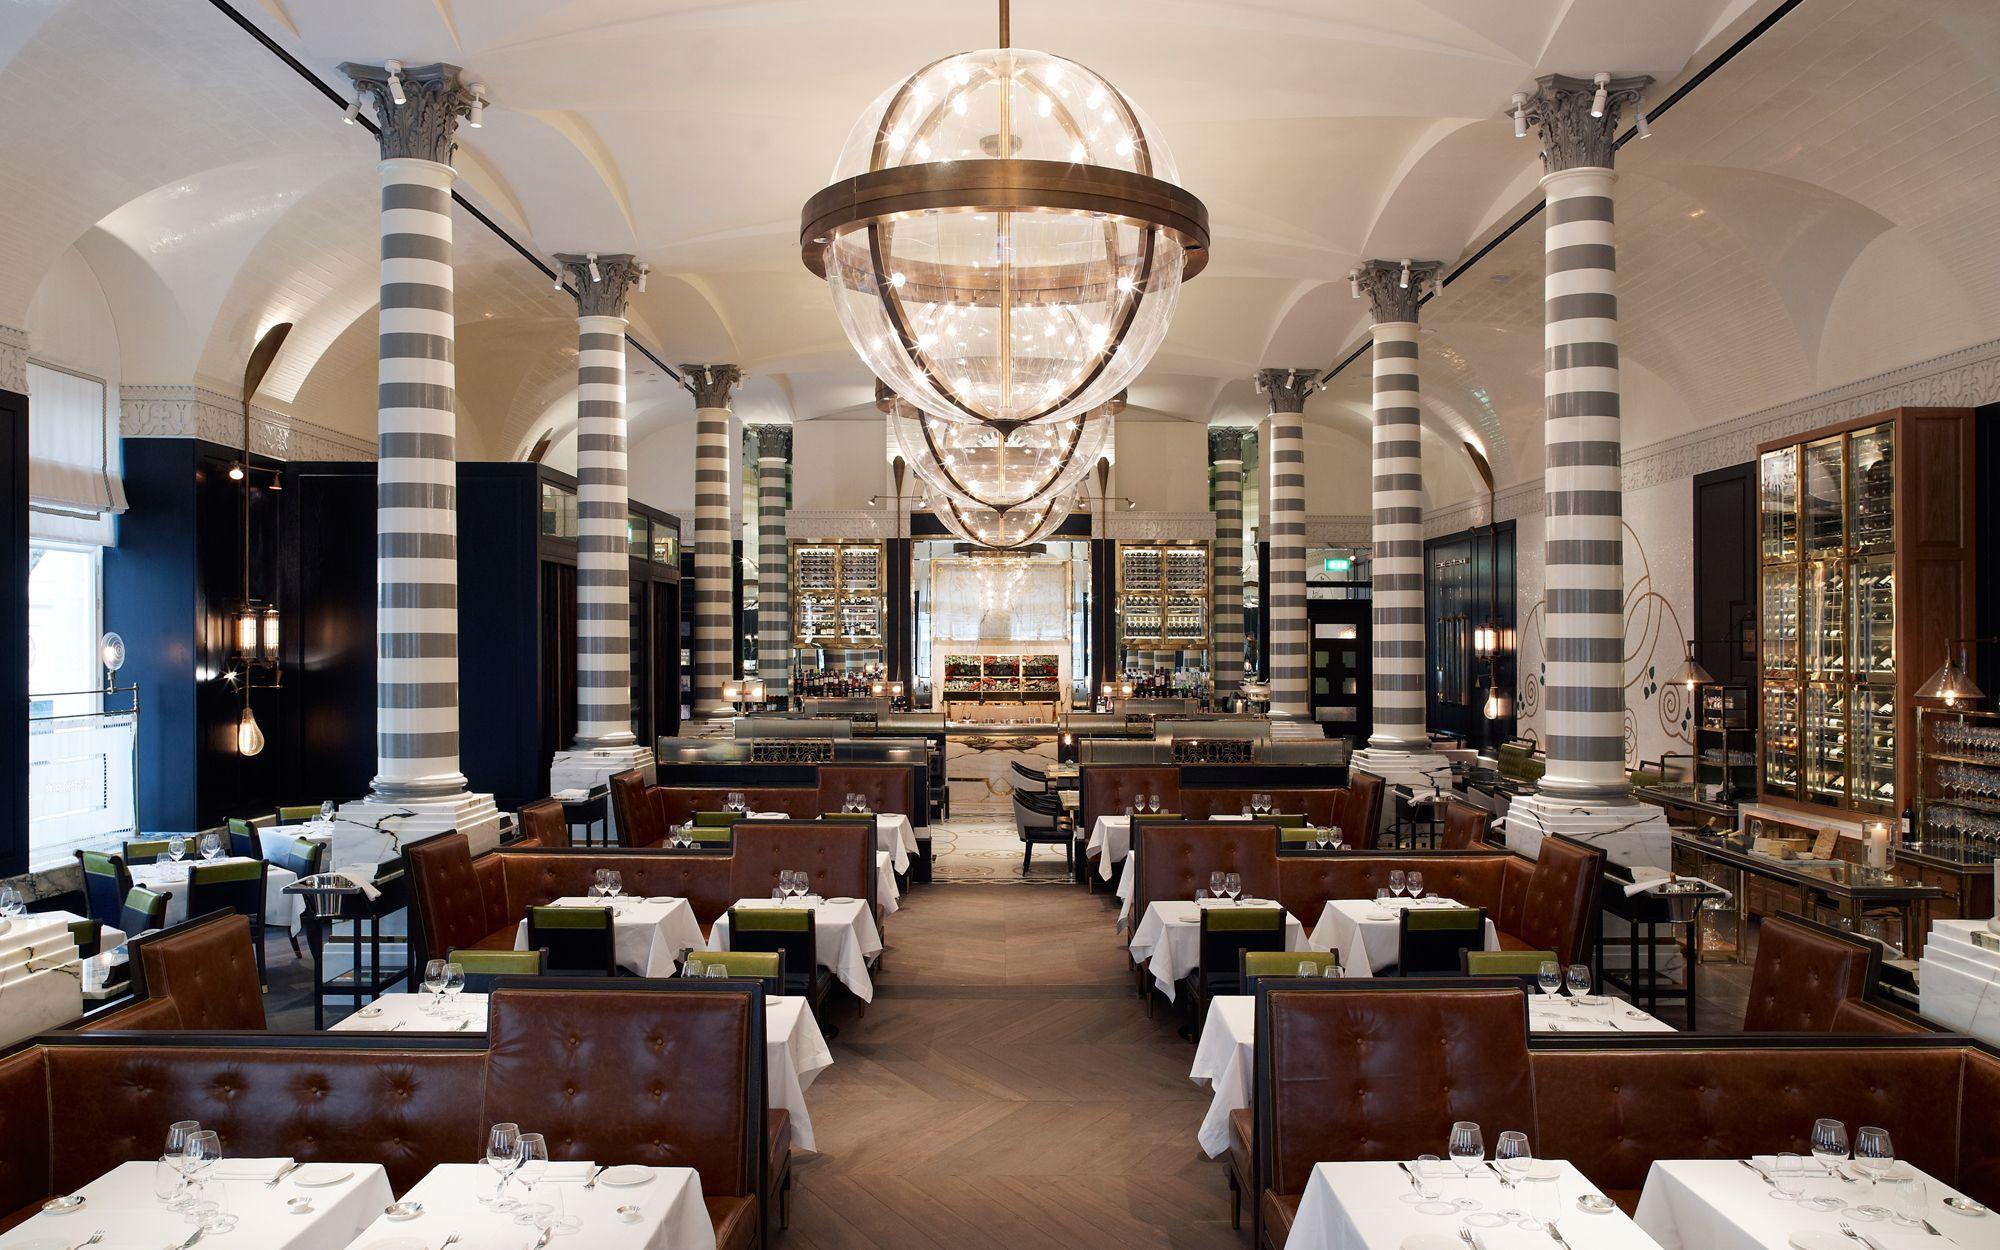 Massimo Corinthia Hotel In London  Restaurant Interior Design Fascinating Restaurant Dining Room Chairs Decorating Design